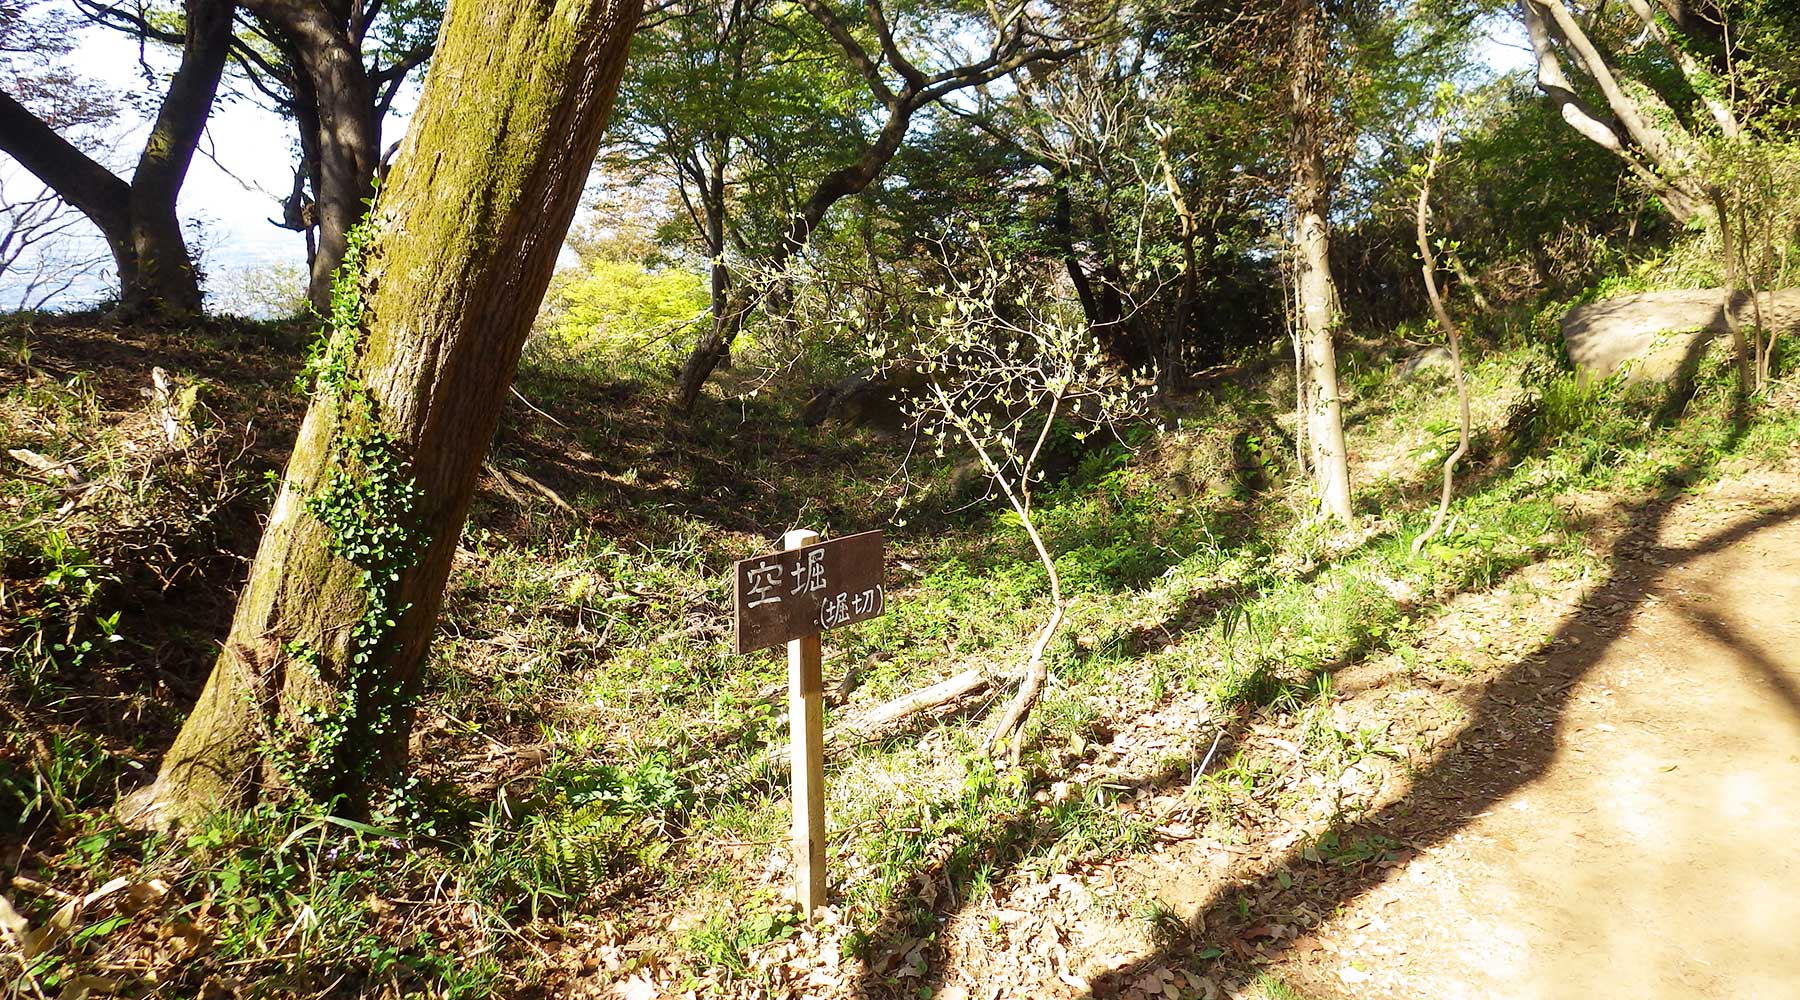 宝篋城の空堀跡